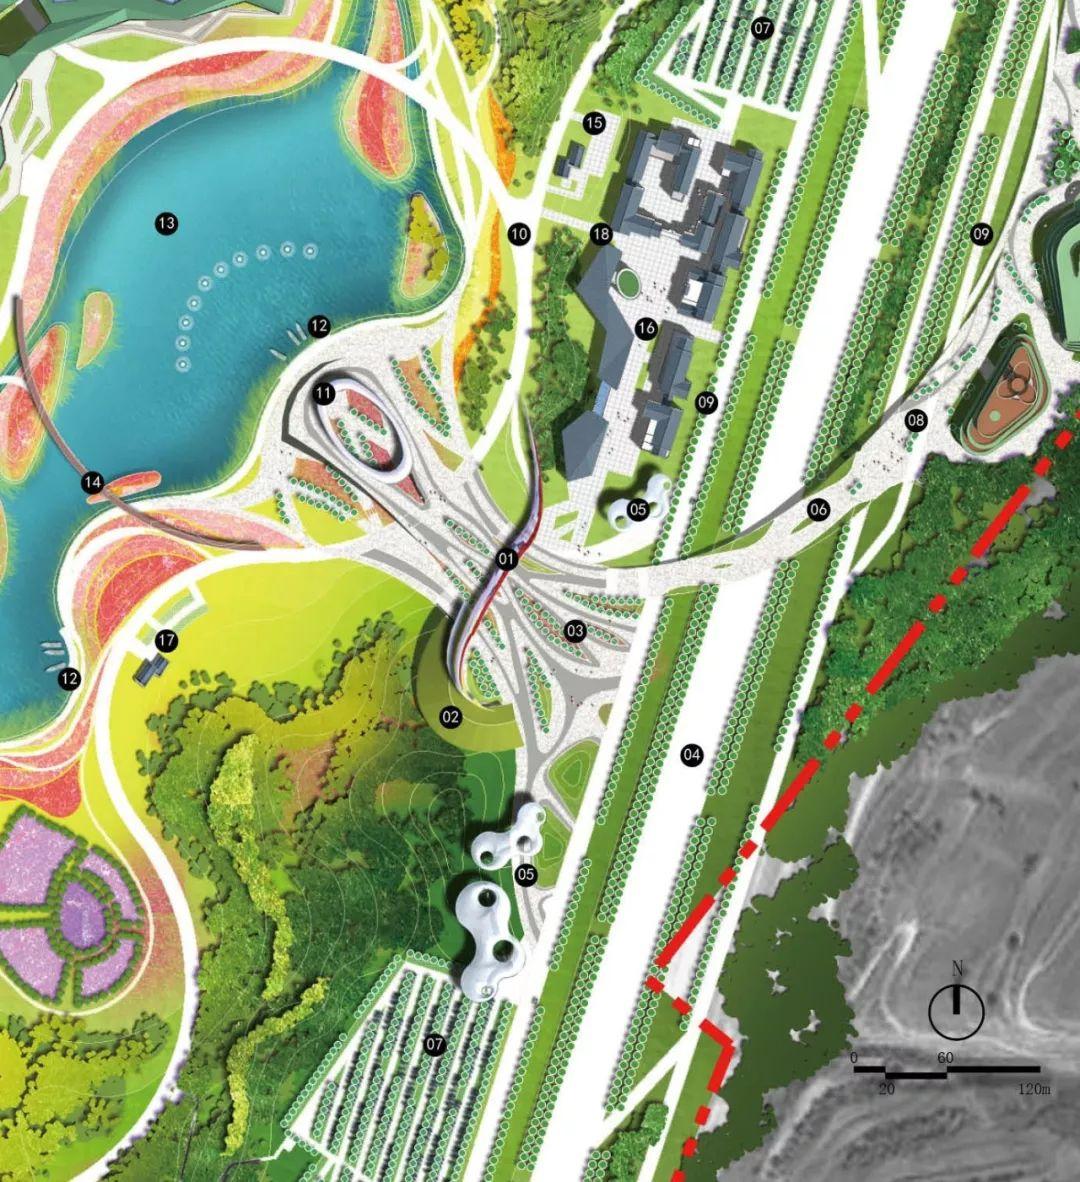 西宁园博园建设快马加鞭 春季绿化任务将在5月底完成